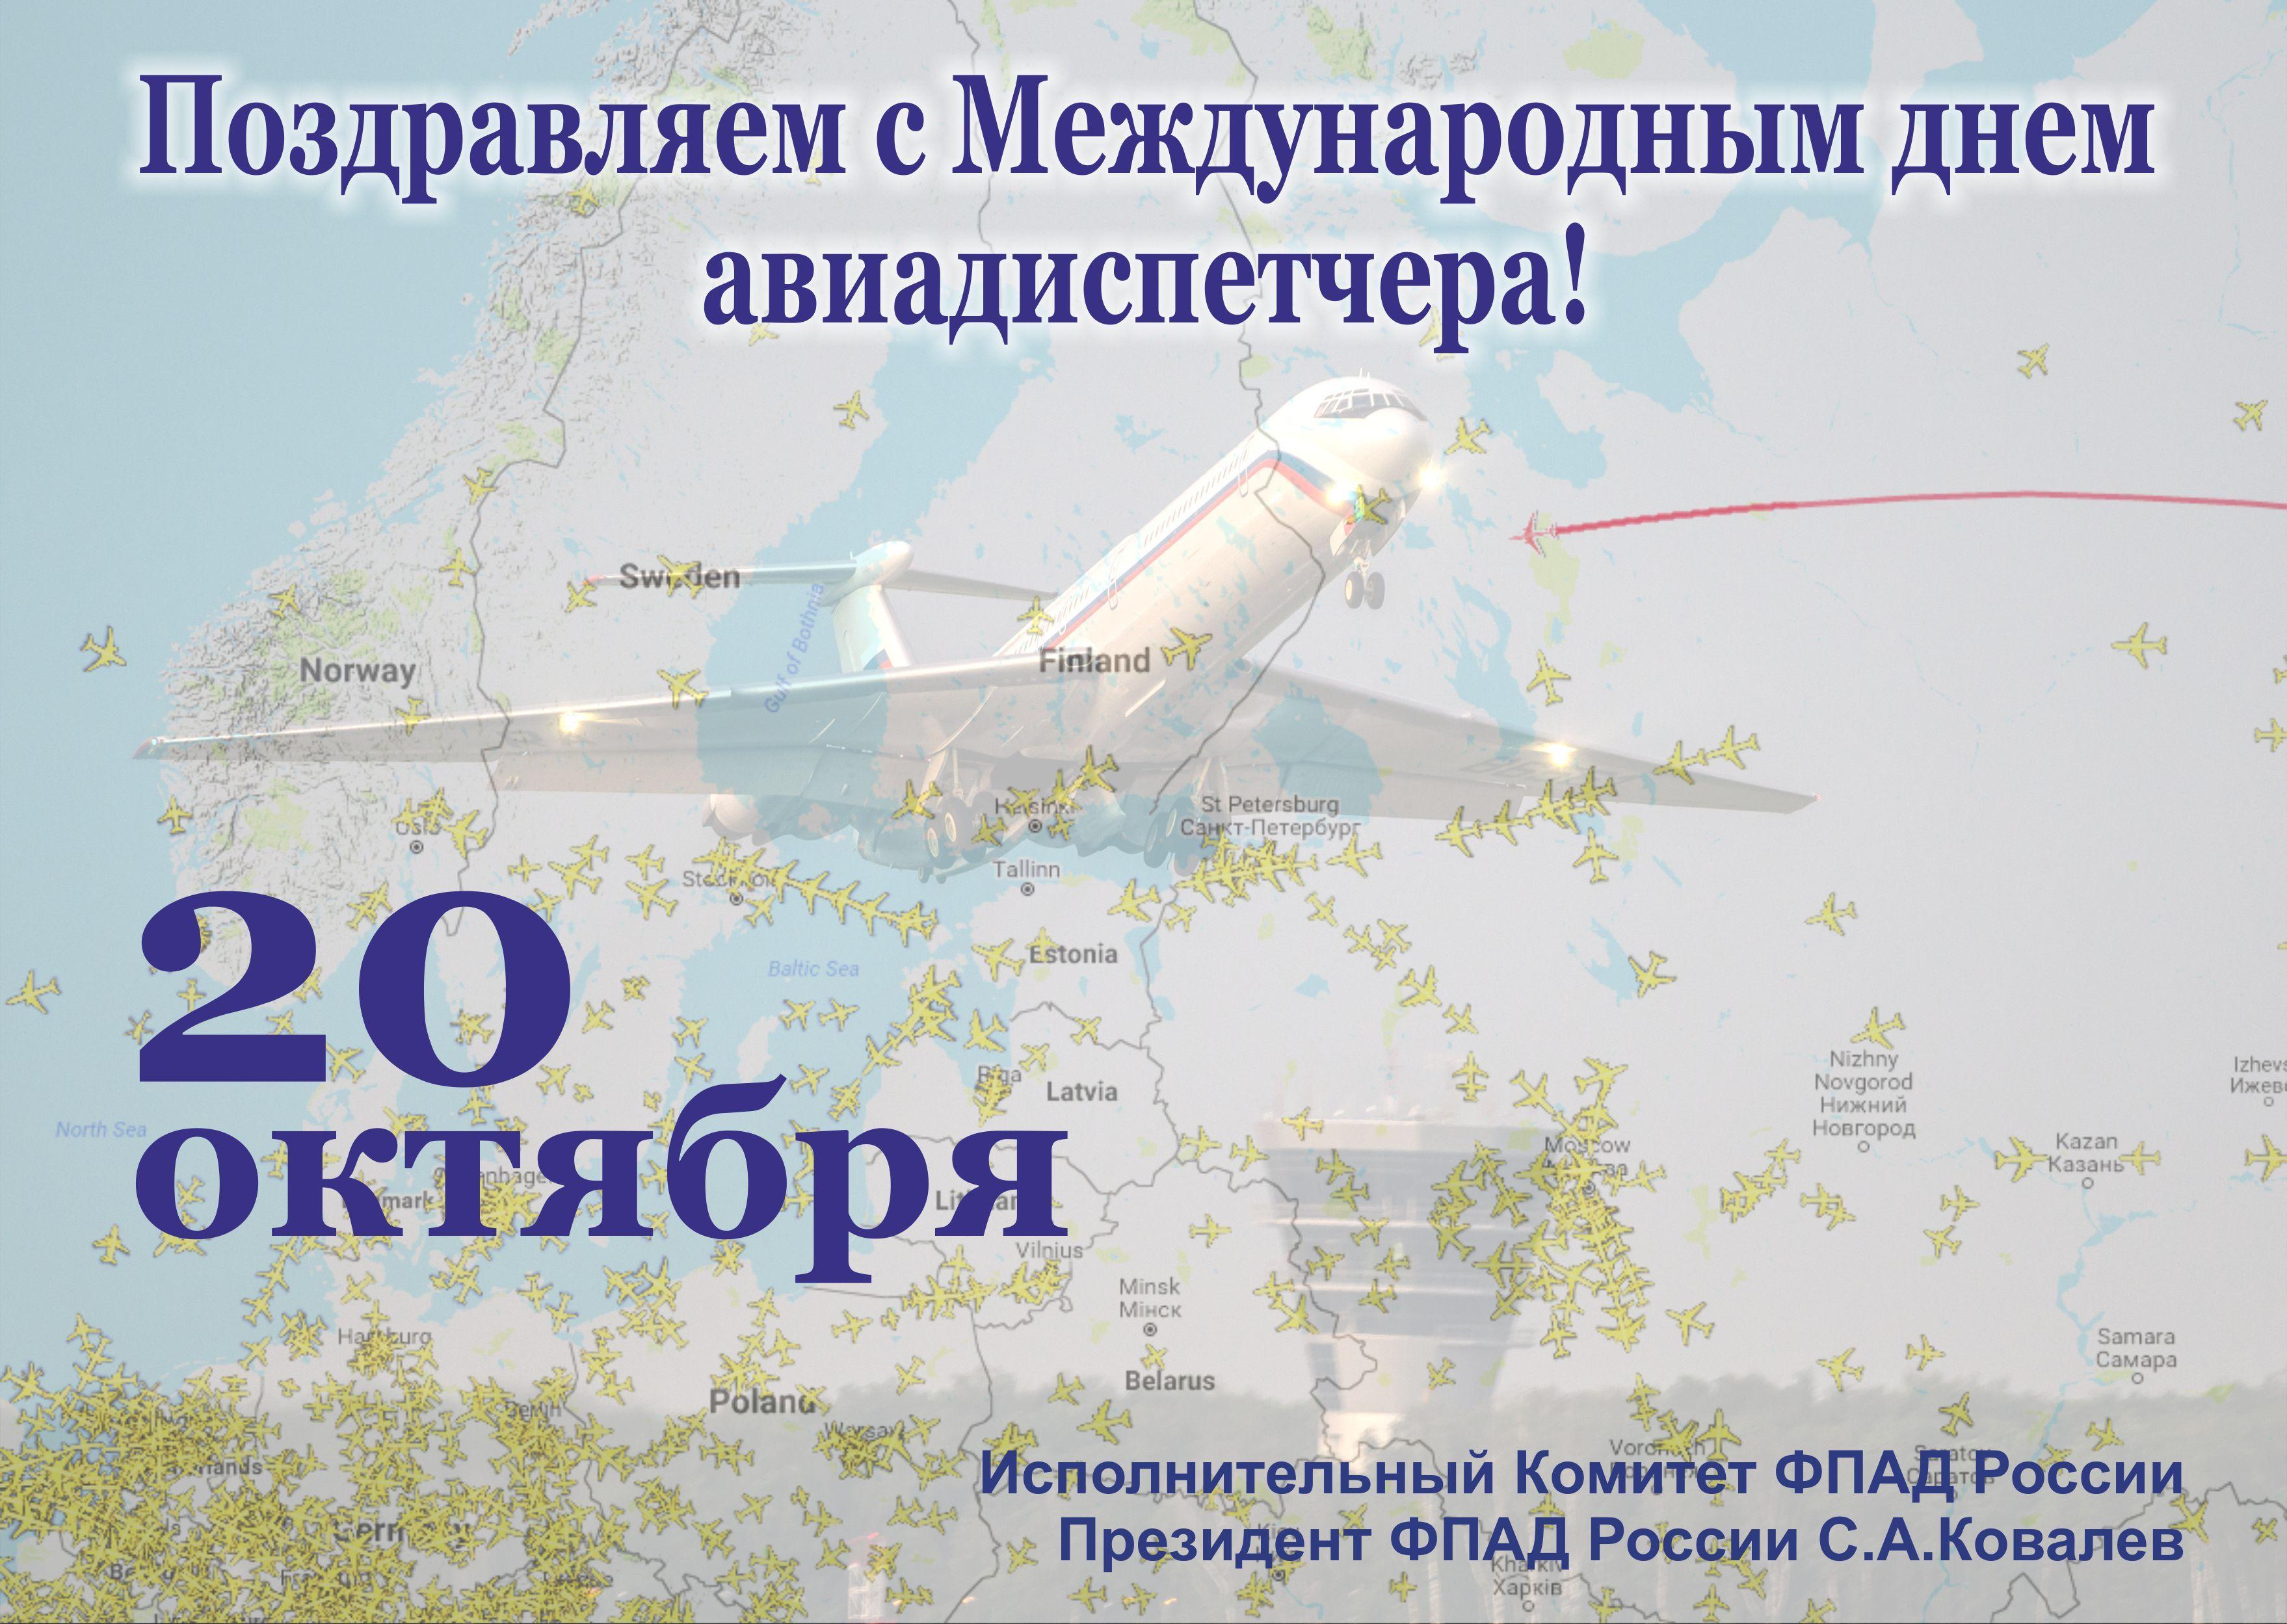 Открытка с днём авиадиспетчера